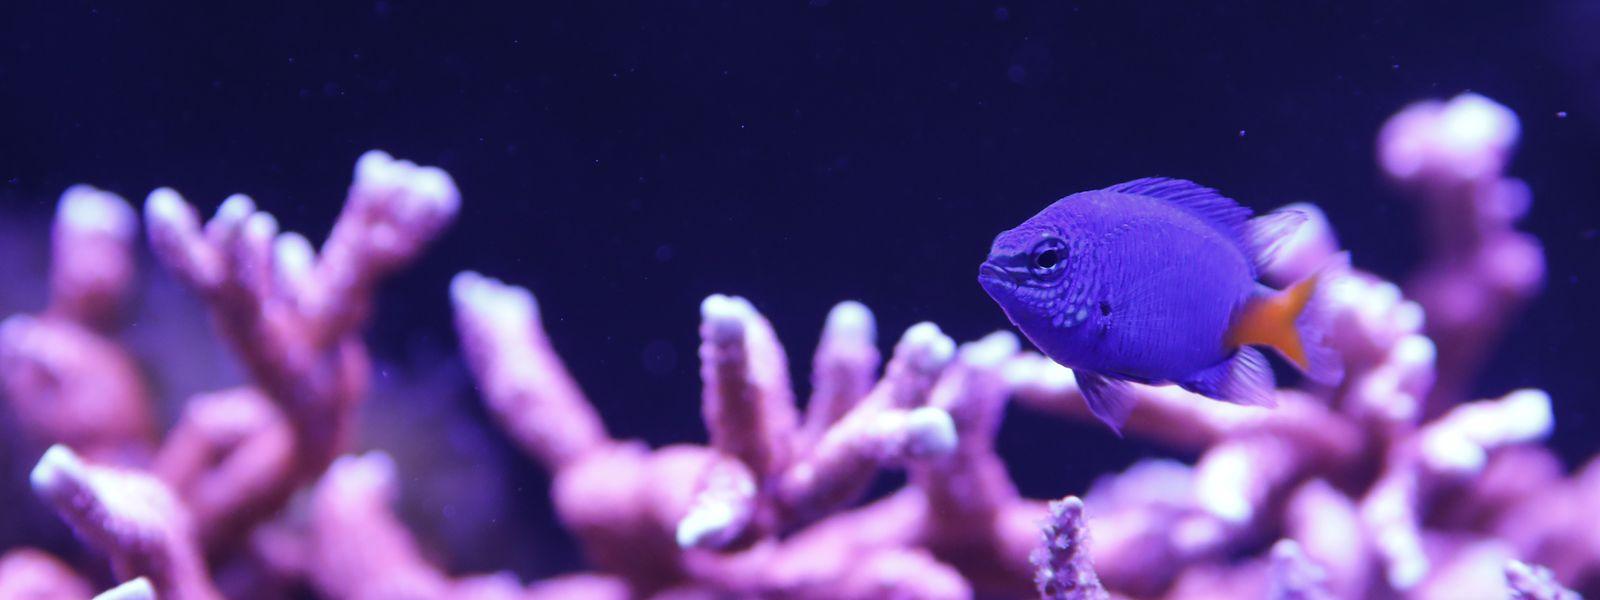 In Wasserbillig gibt es nicht nur exotische Fische zu sehen, sondern auch bunte Korallen.